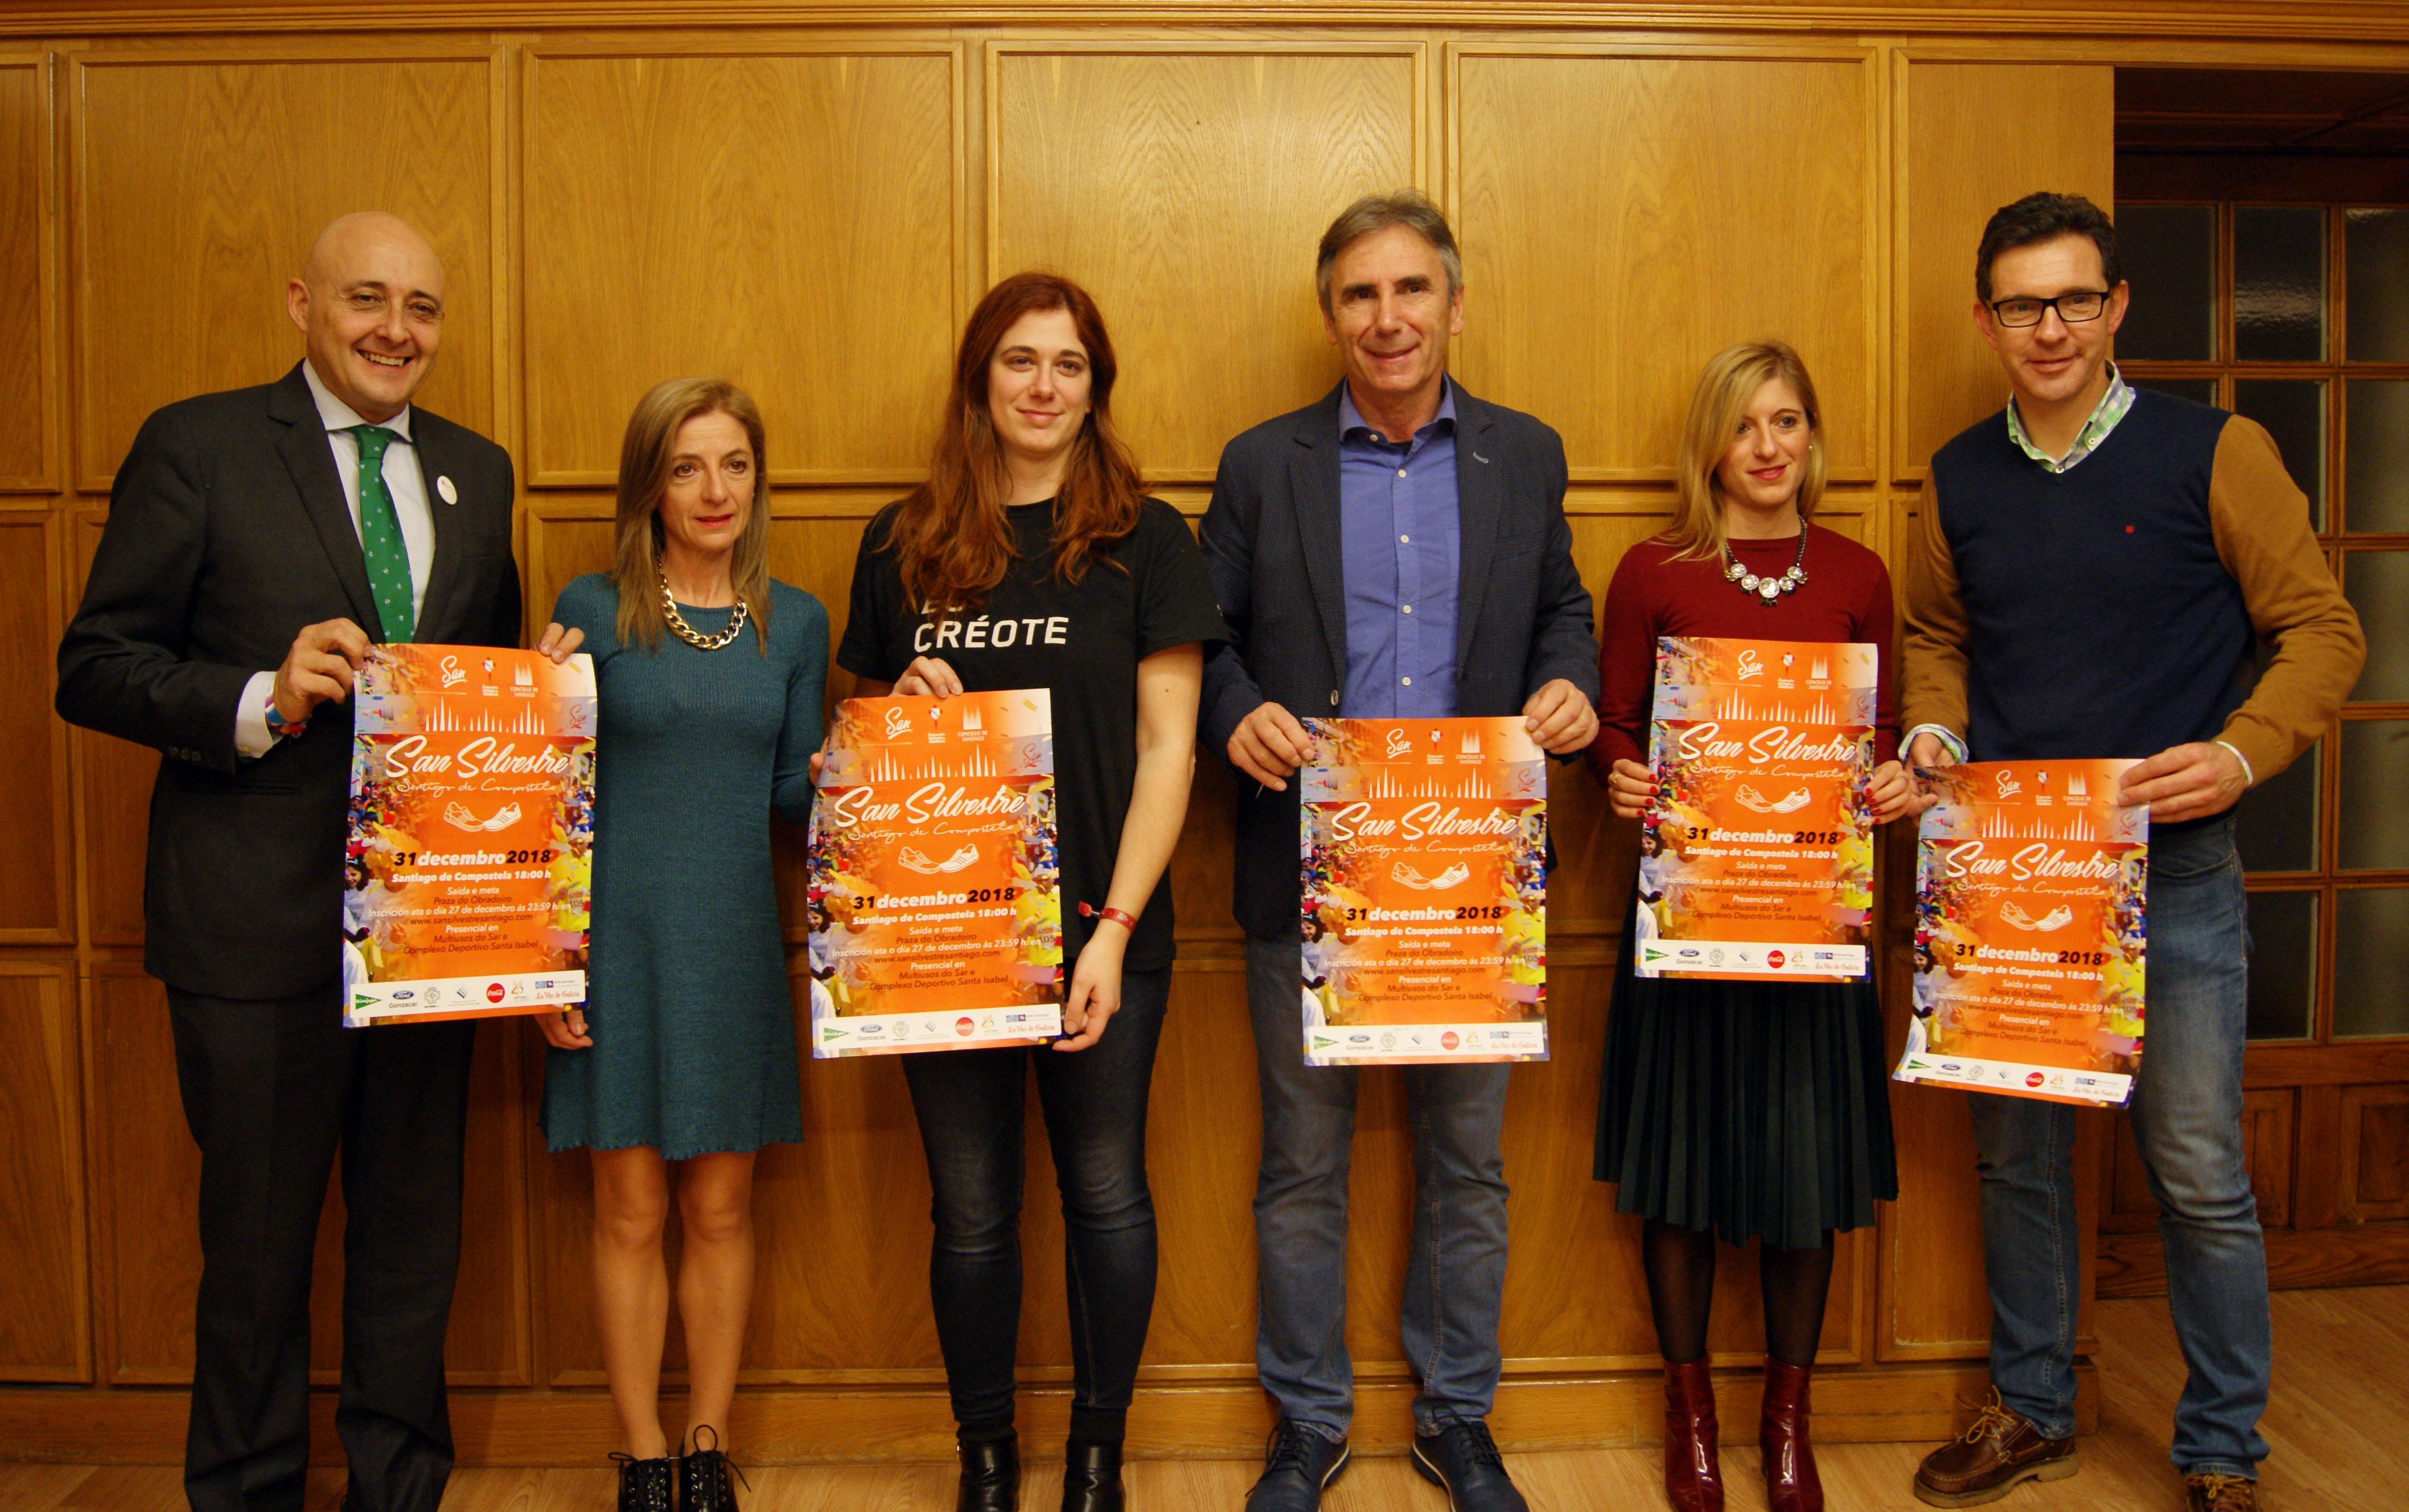 Pati Blanco, Esther Pedrosa, Noa Morales, Isidoro Hornillos, Raquel Suárez e Iván Sanmartín cos carteis da carreira.